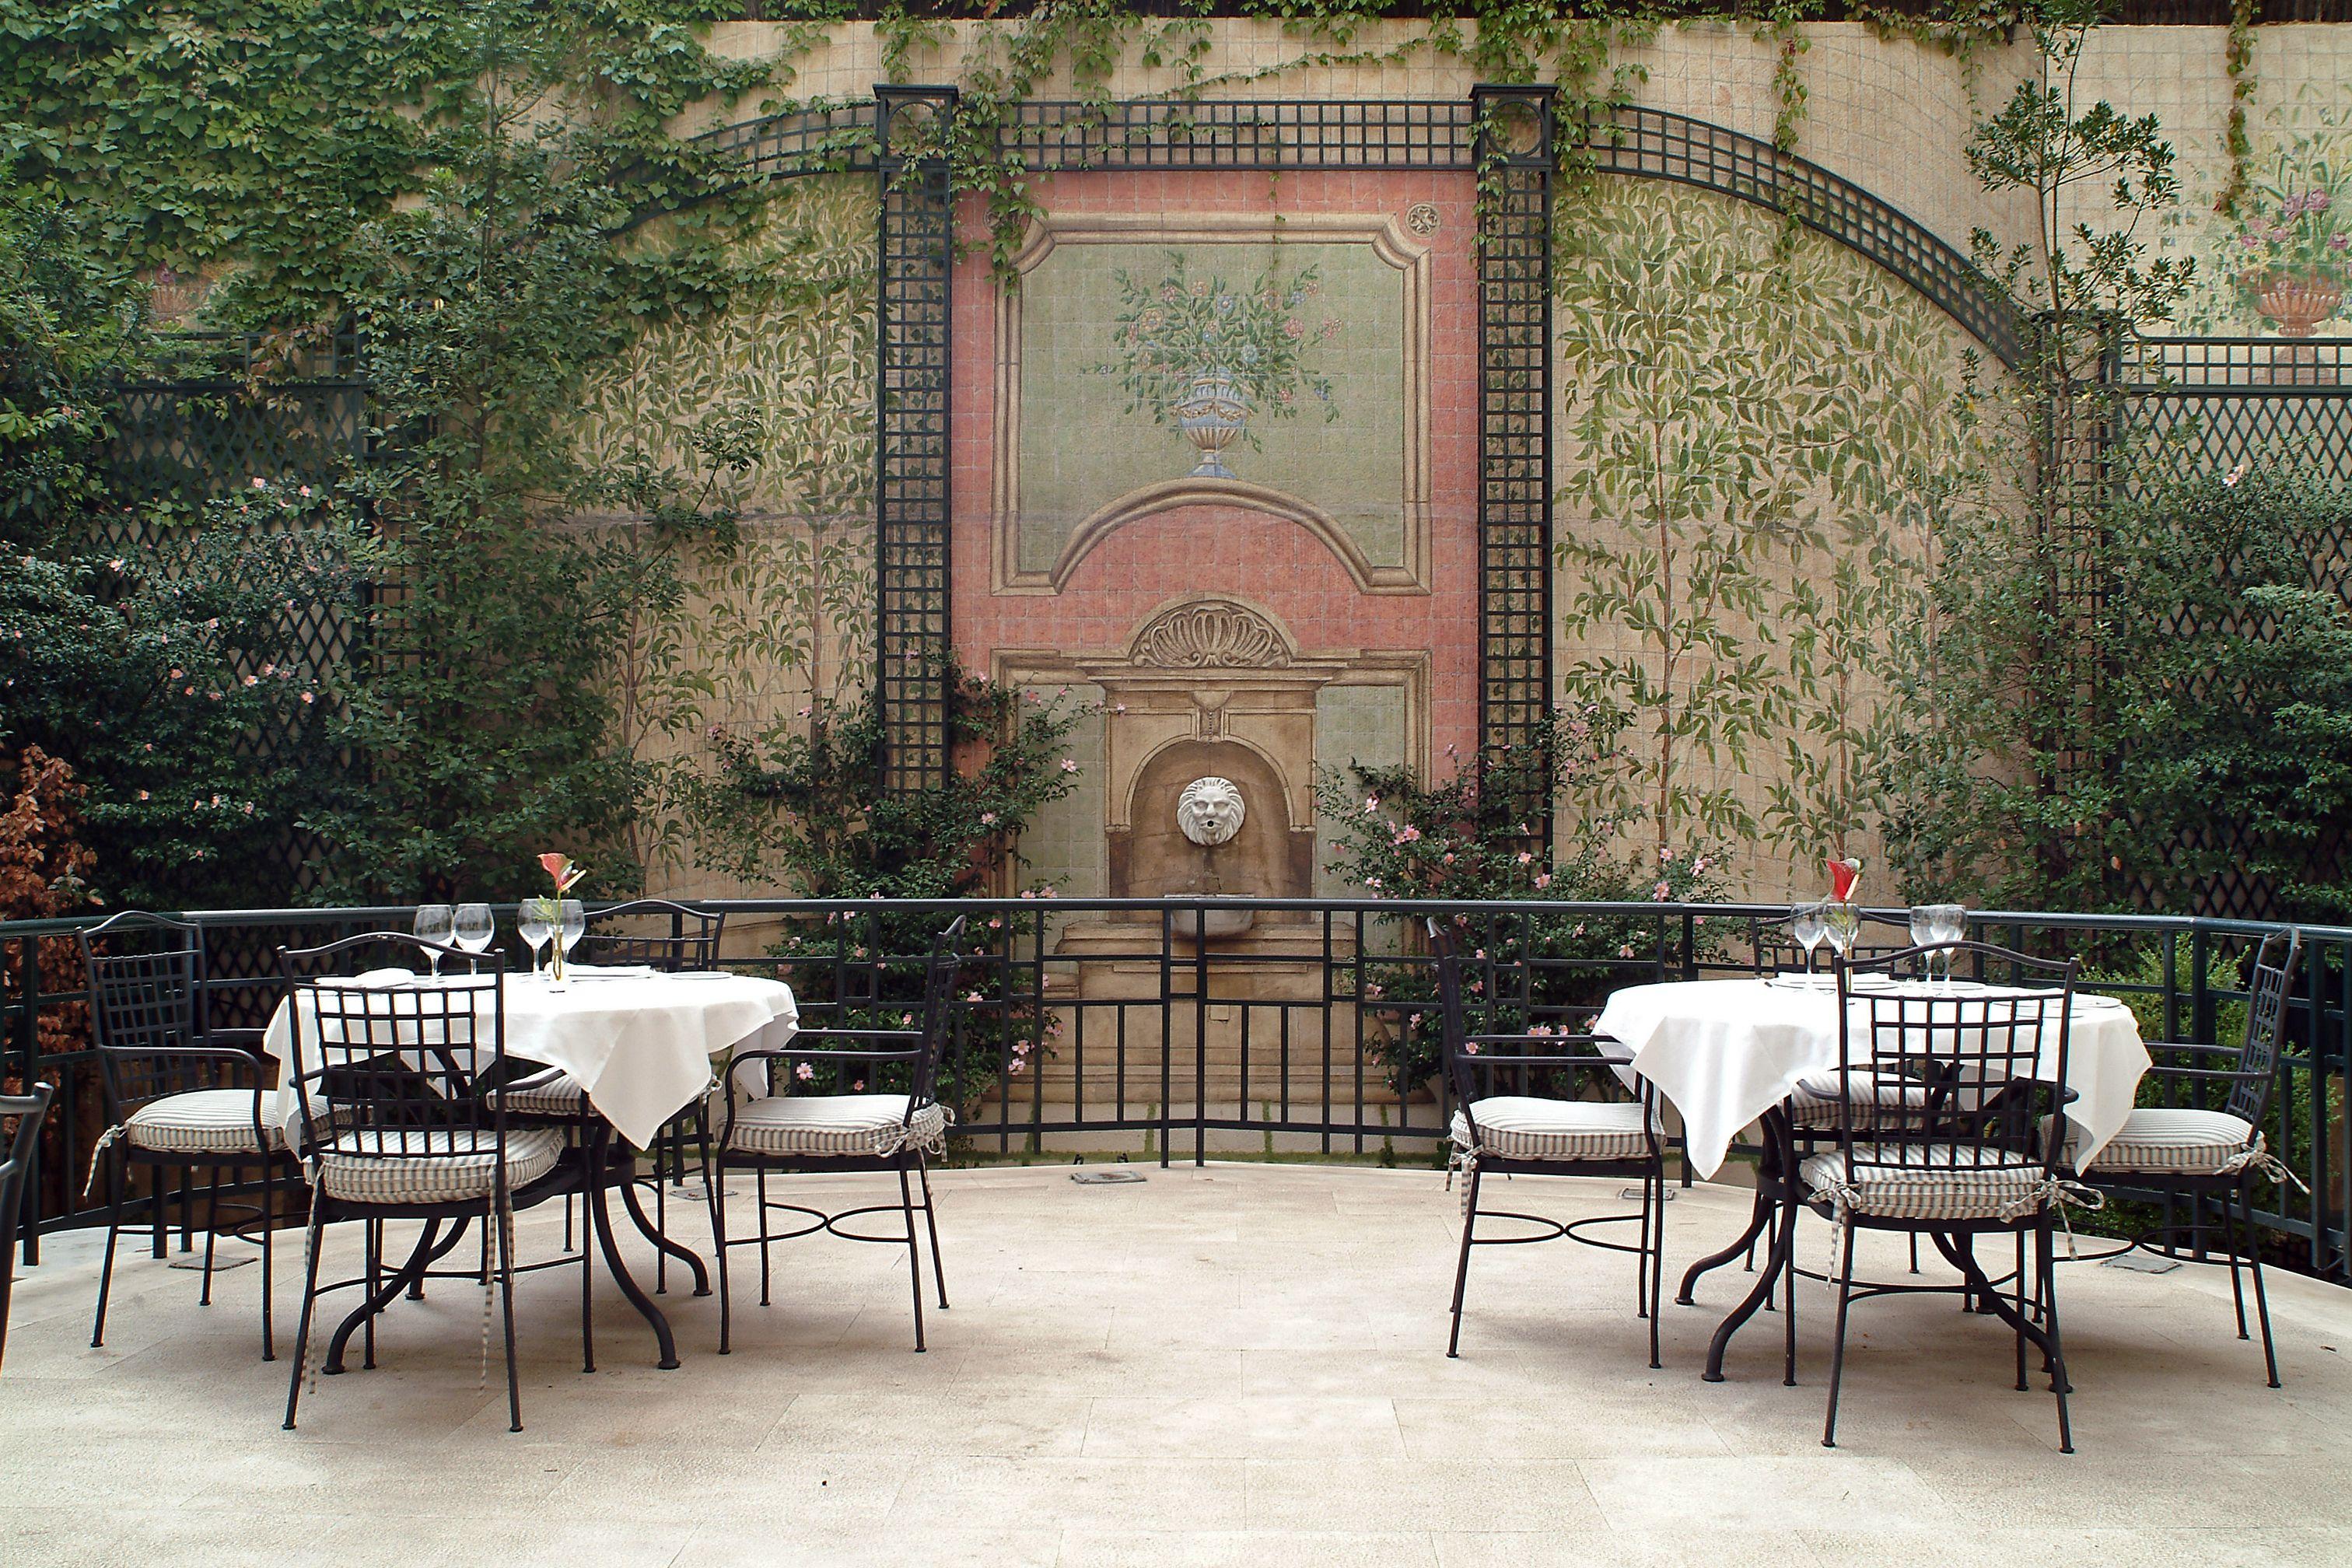 Restaurante 39 el jard n de orfila for Bar restaurante el jardin zamora